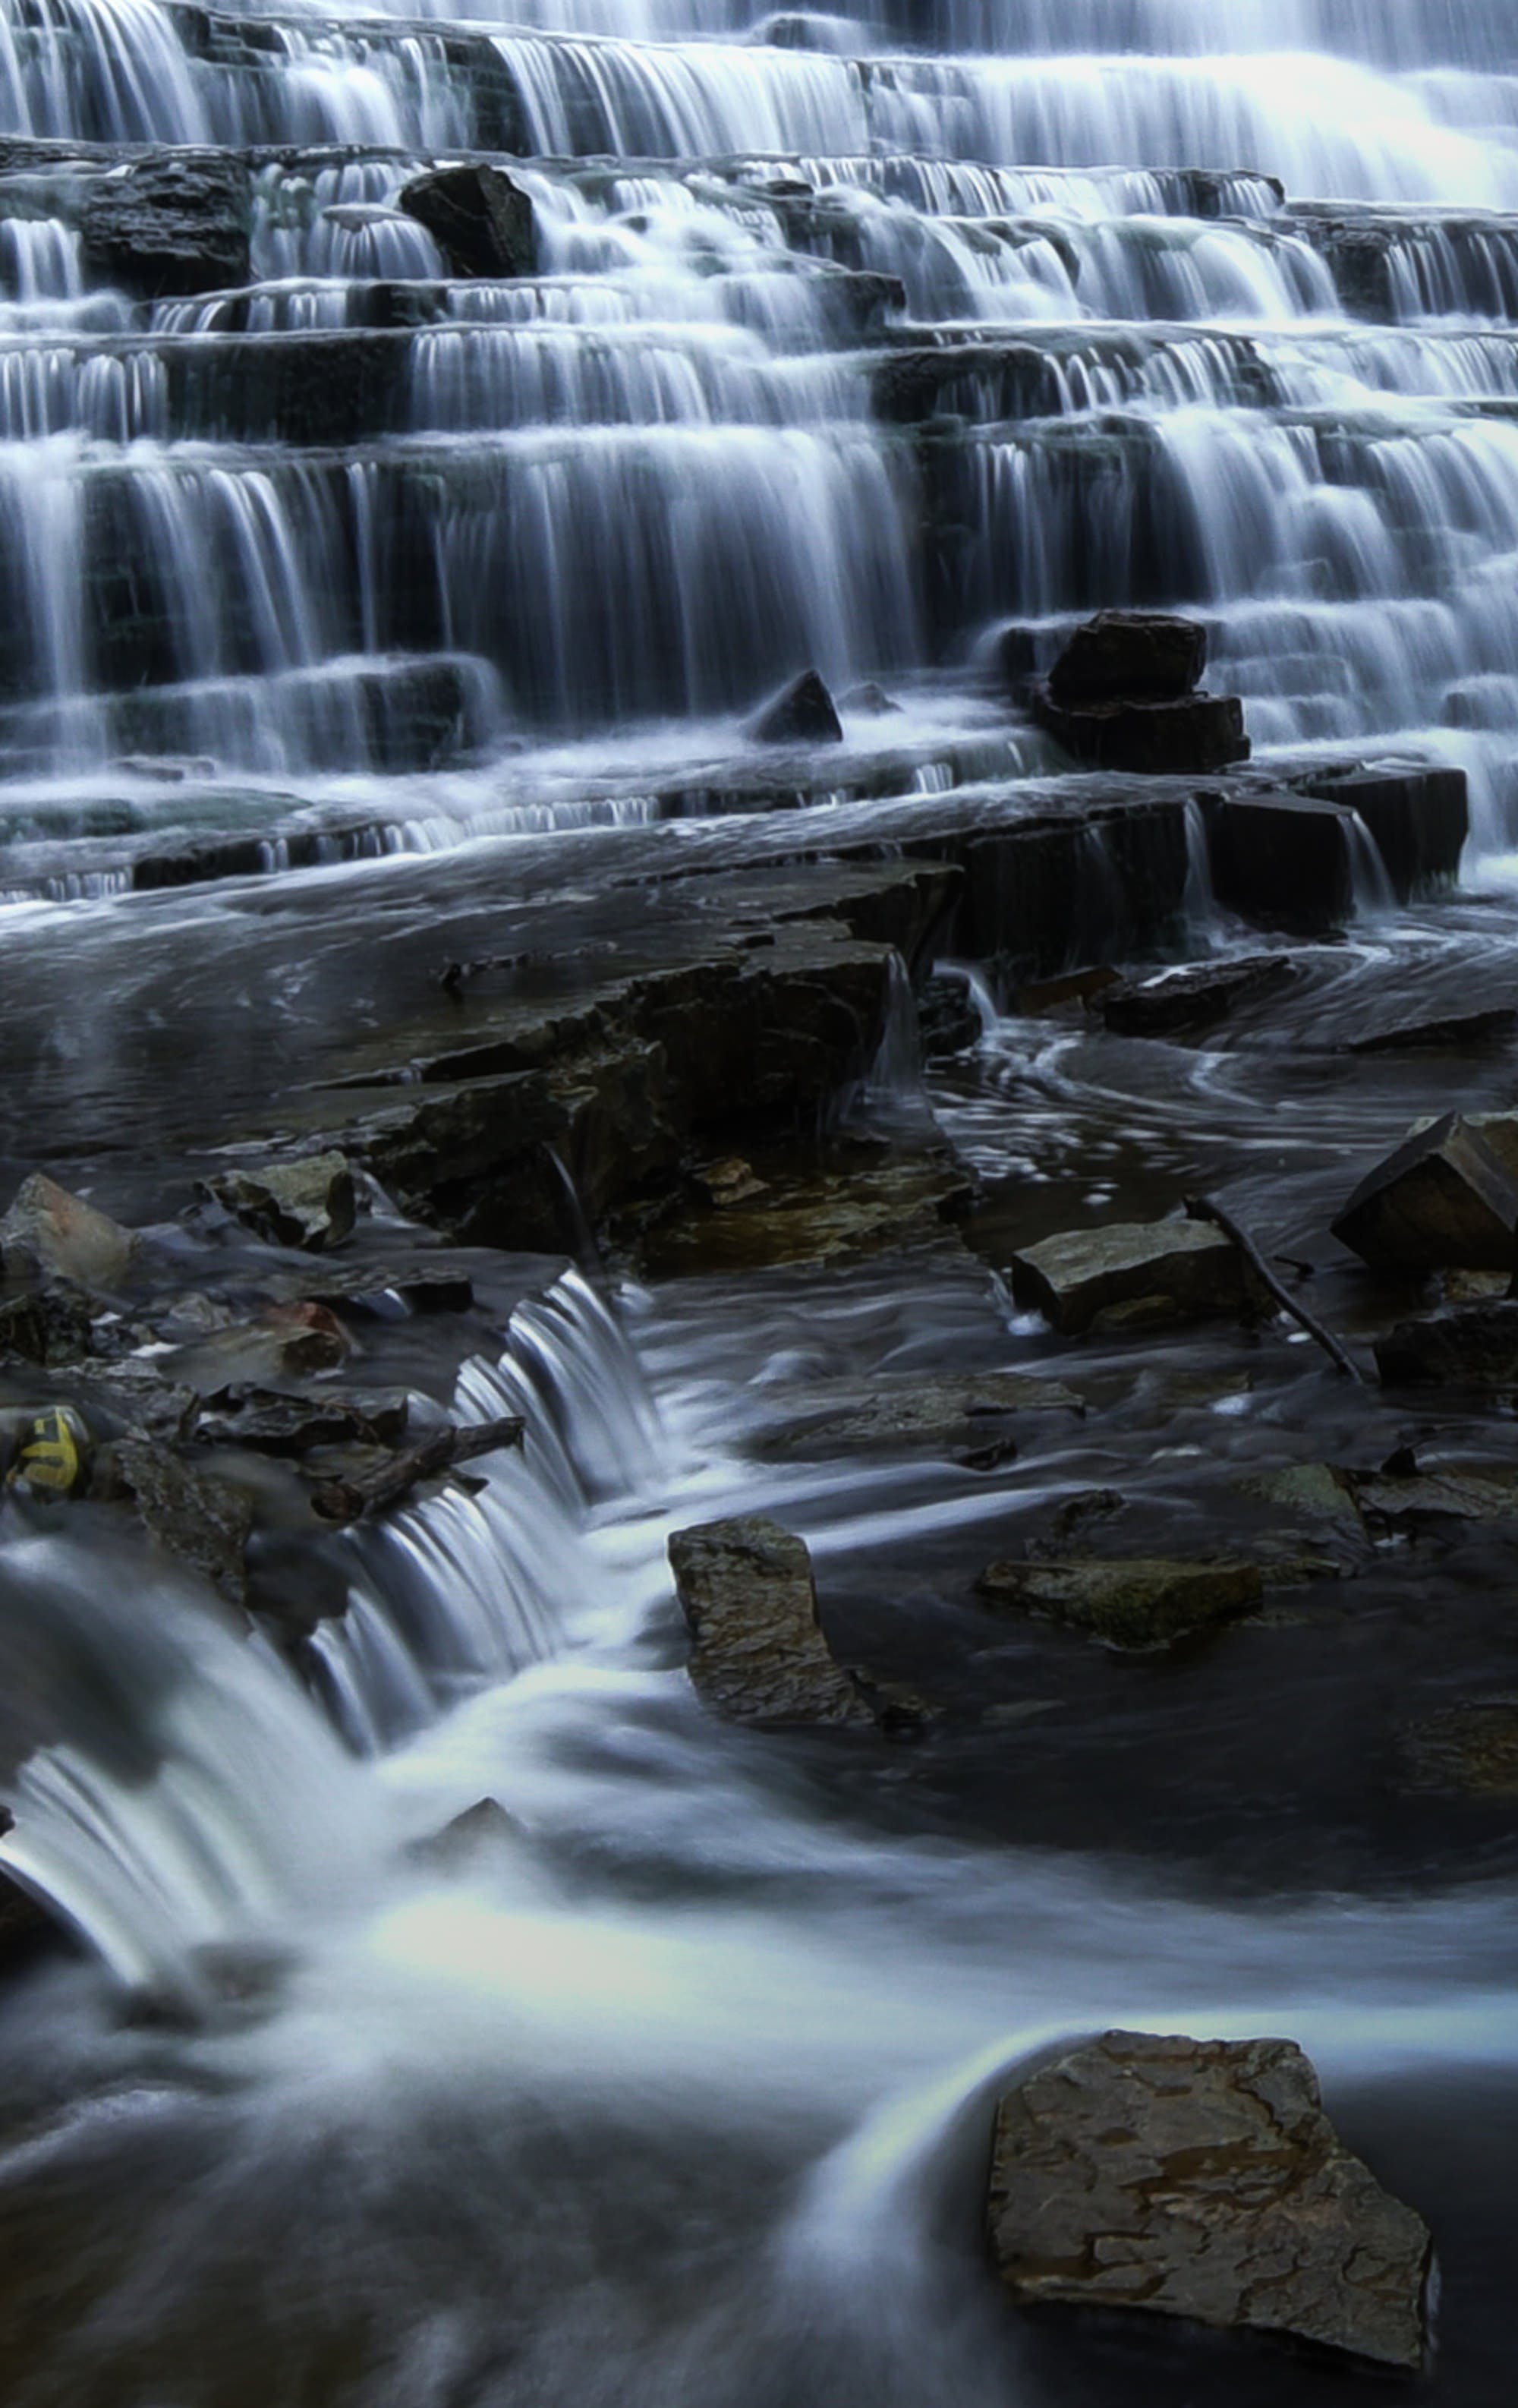 Foto d'estoc gratuïta de aigua, cascades, desenfocament, exposició llarga